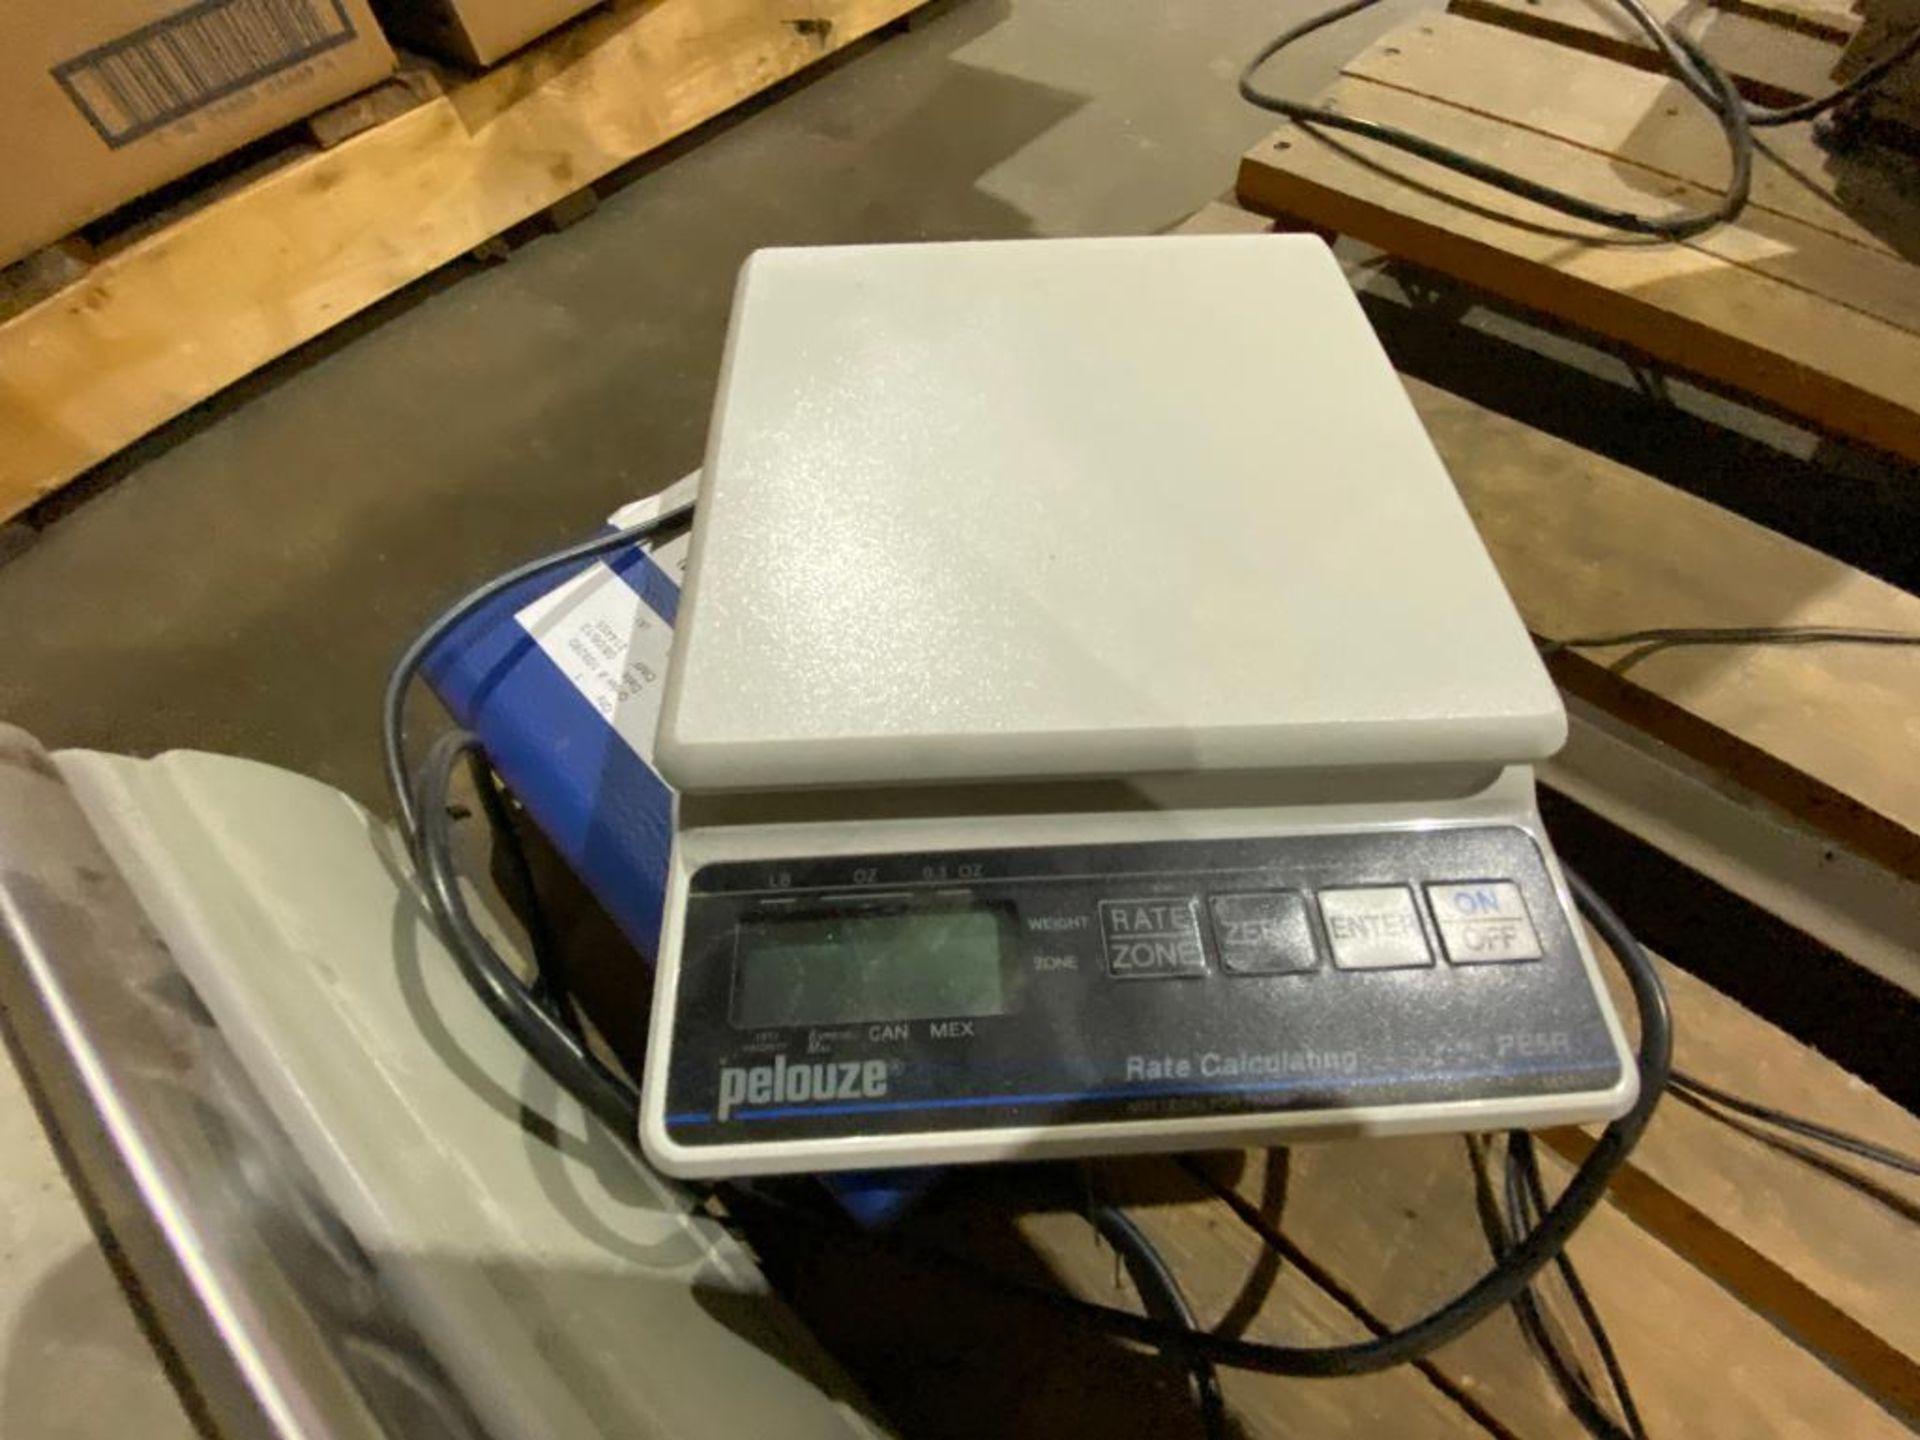 Adam digital scale, Pelouze digital scale - Image 4 of 6